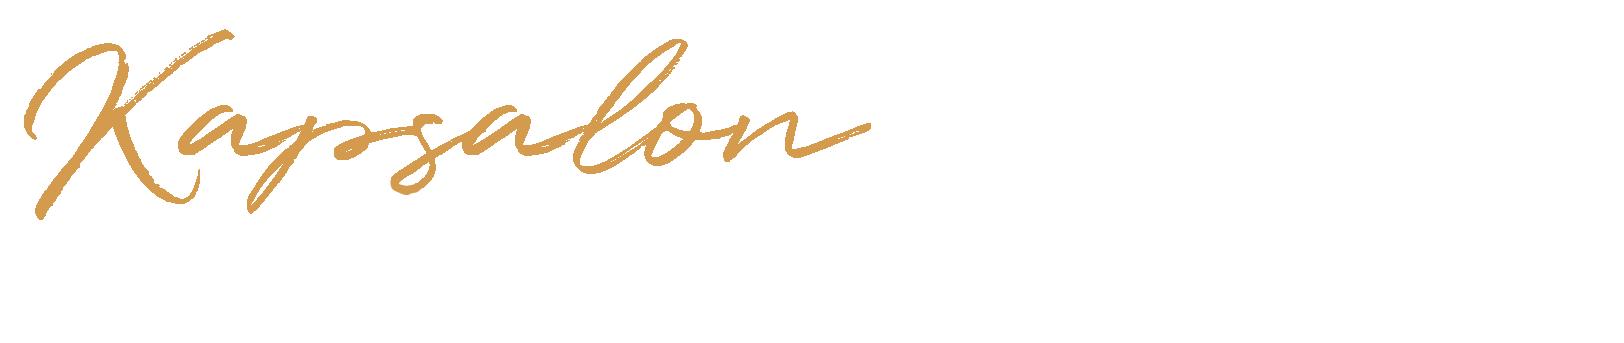 Logo kapsalon de kapper light